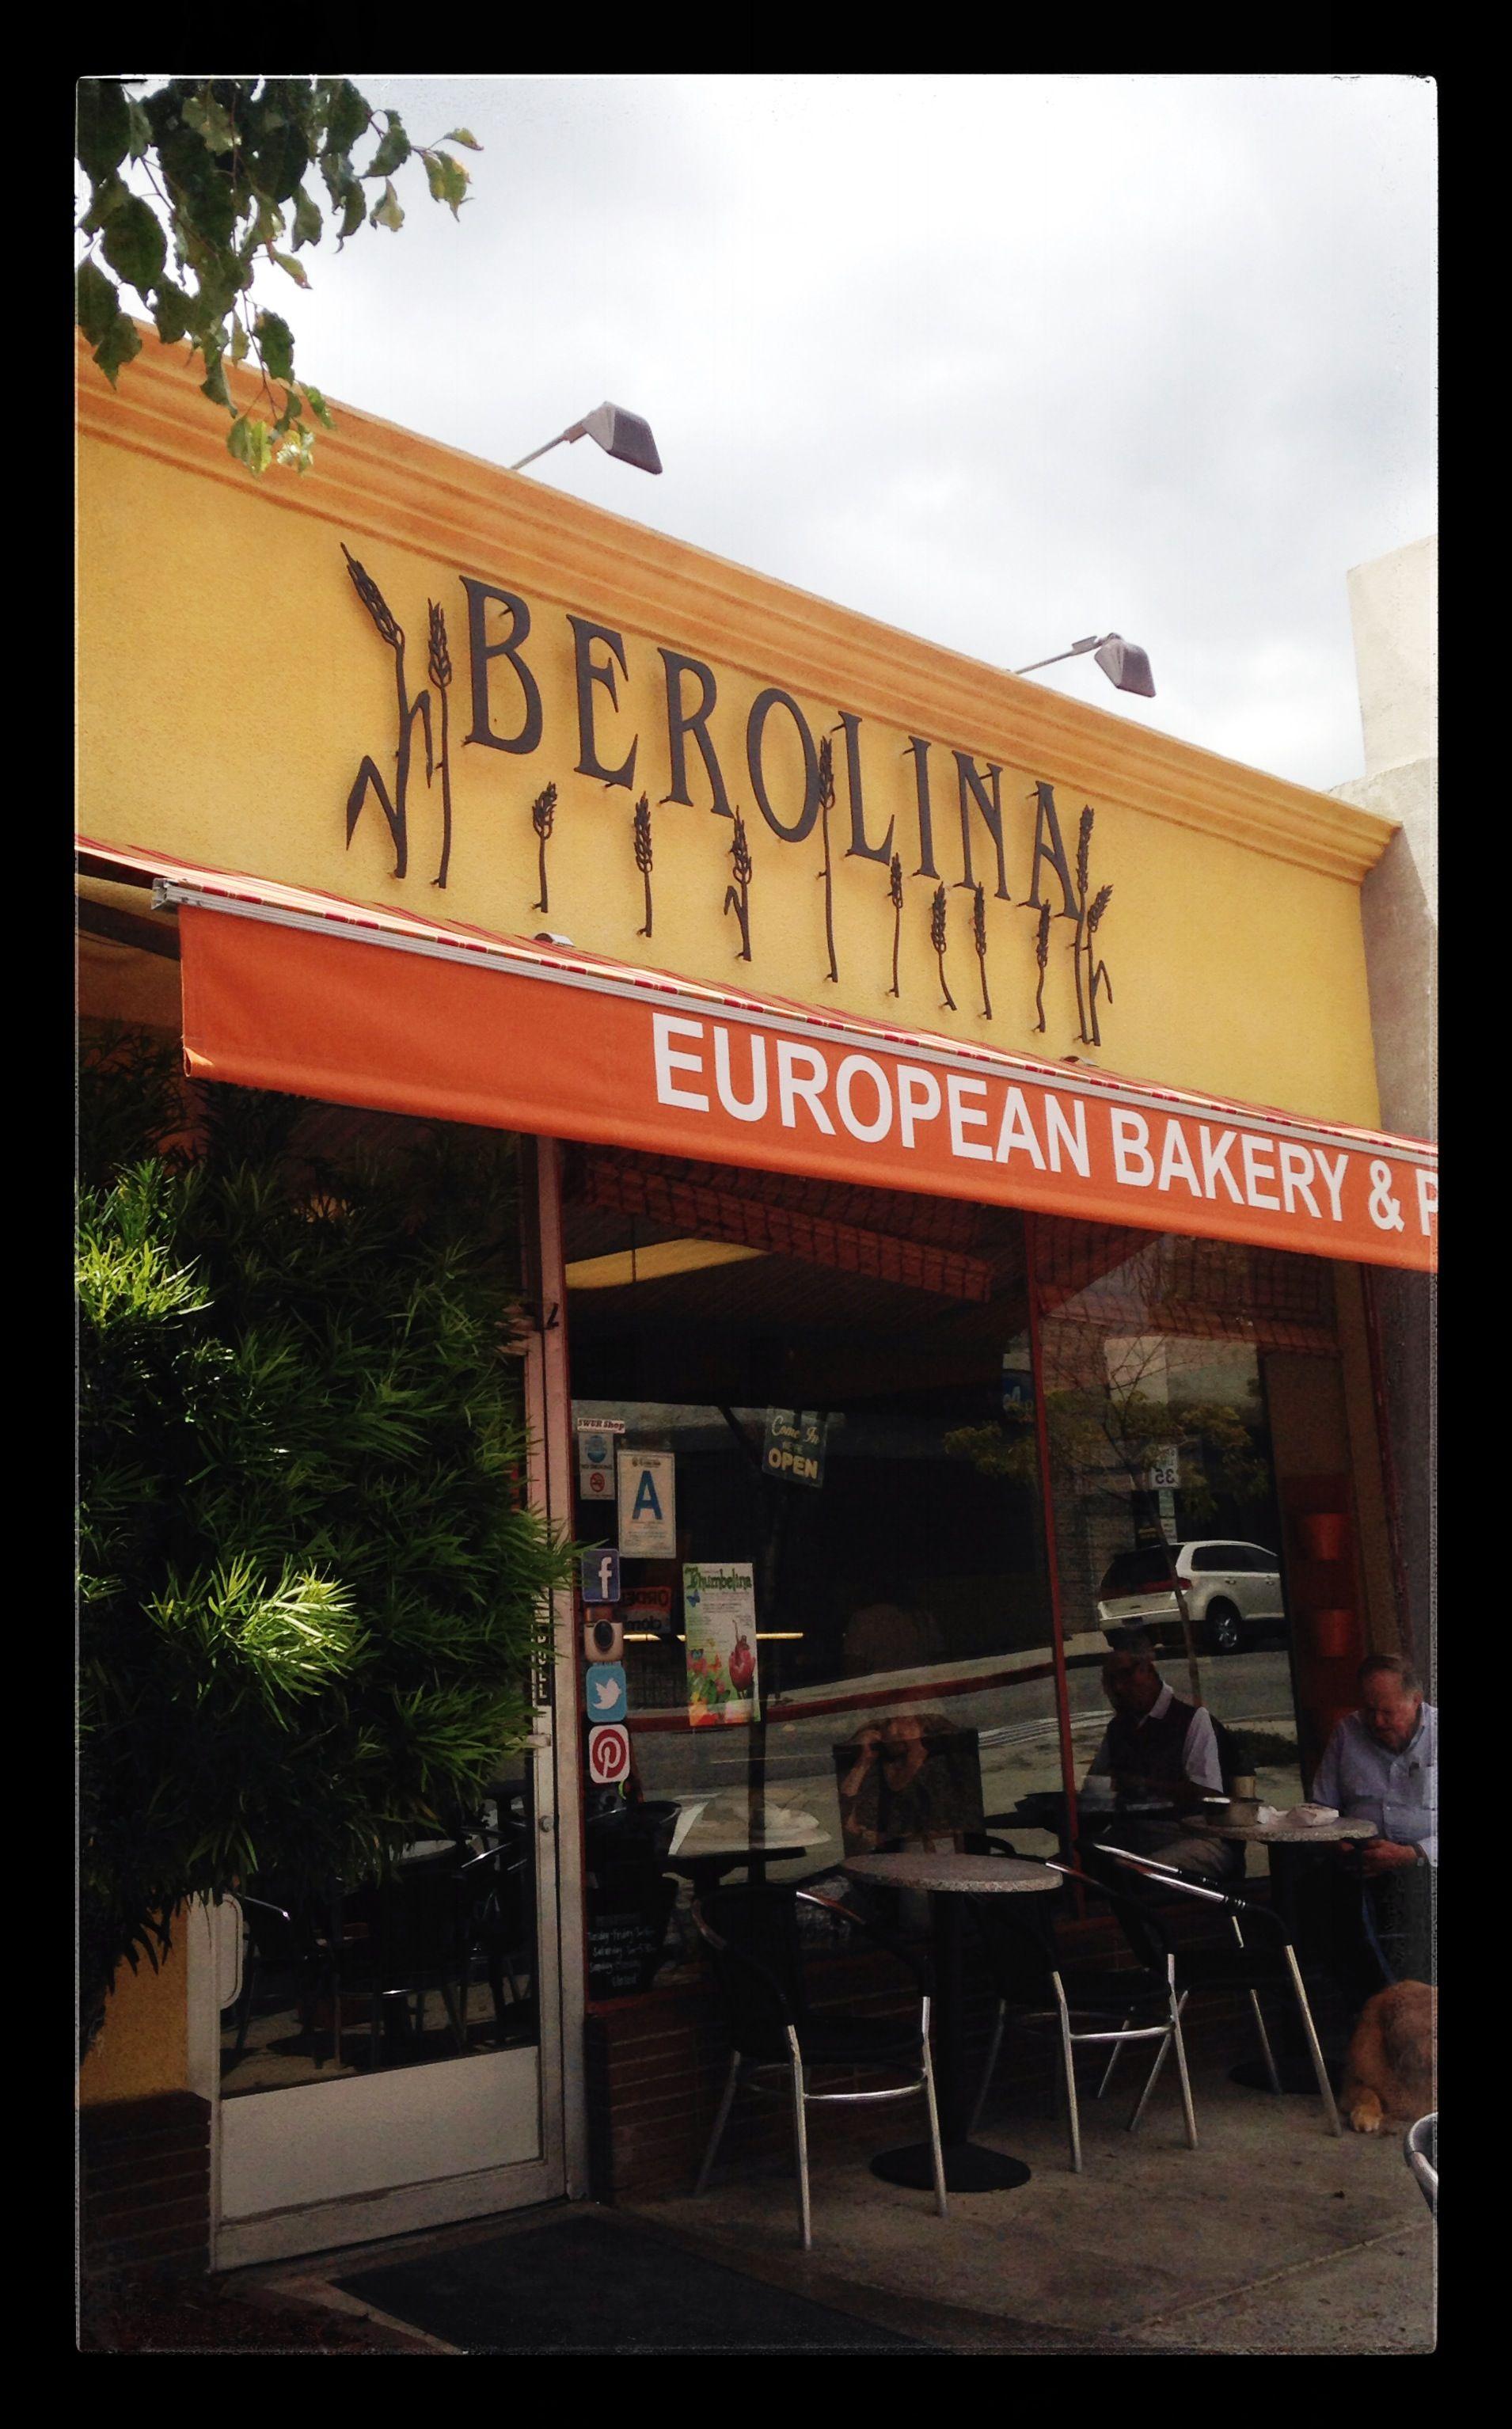 Pin By Hillside Dweller On Bakery Shops Belgian Waffles Bakery Shop Bakery